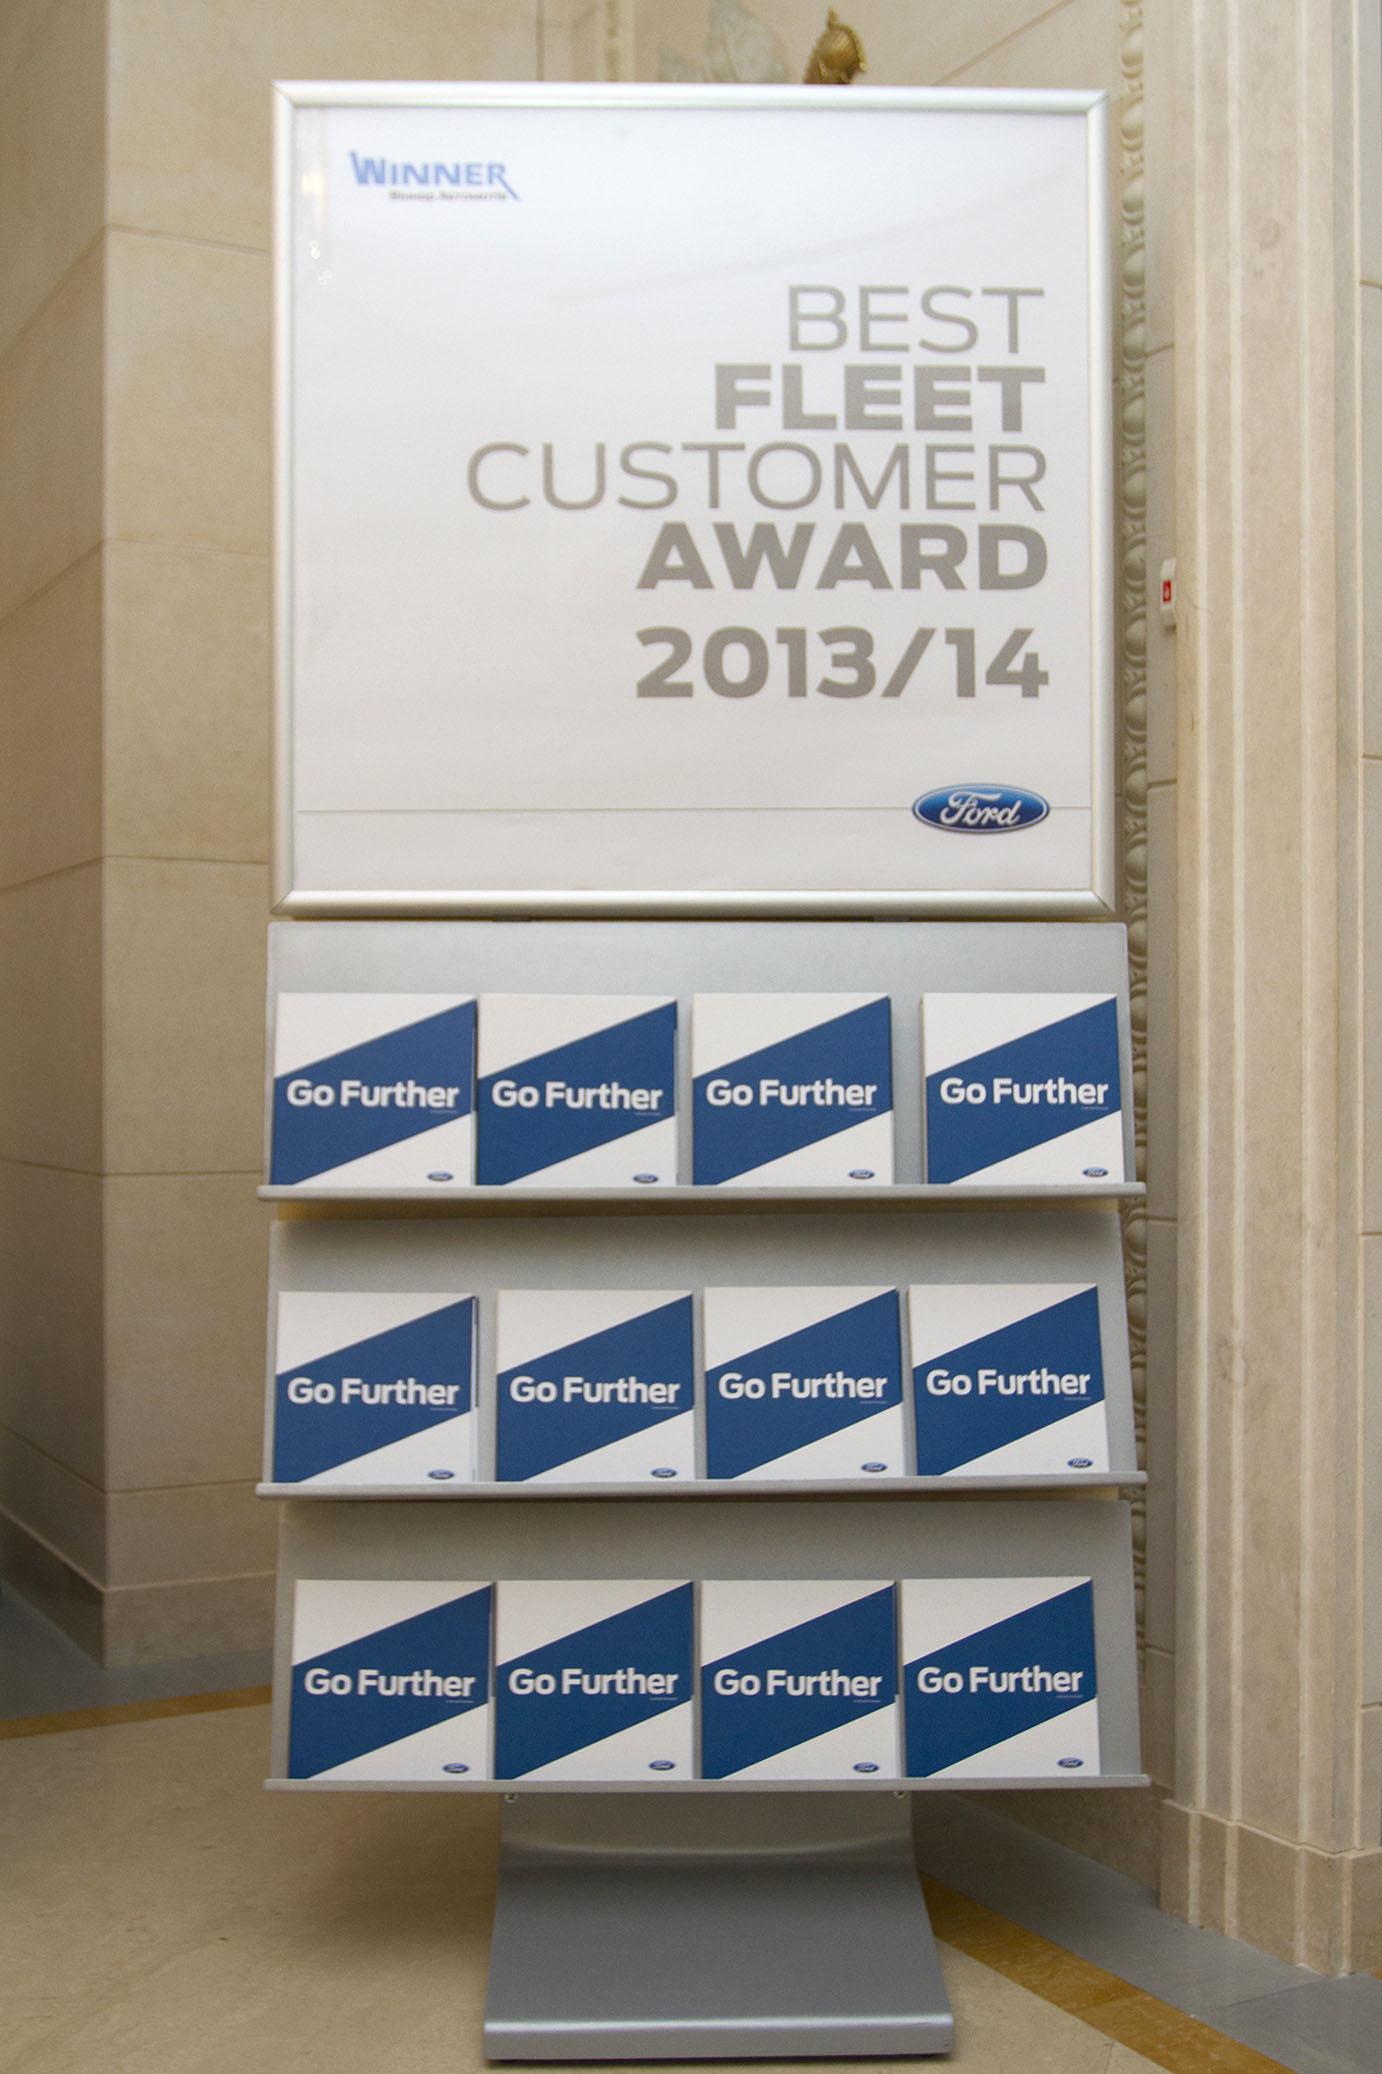 Премія Best Fleet Customer Award 2013/14 від «Віннер Автомотів» - офіційний представник Winner в Україні